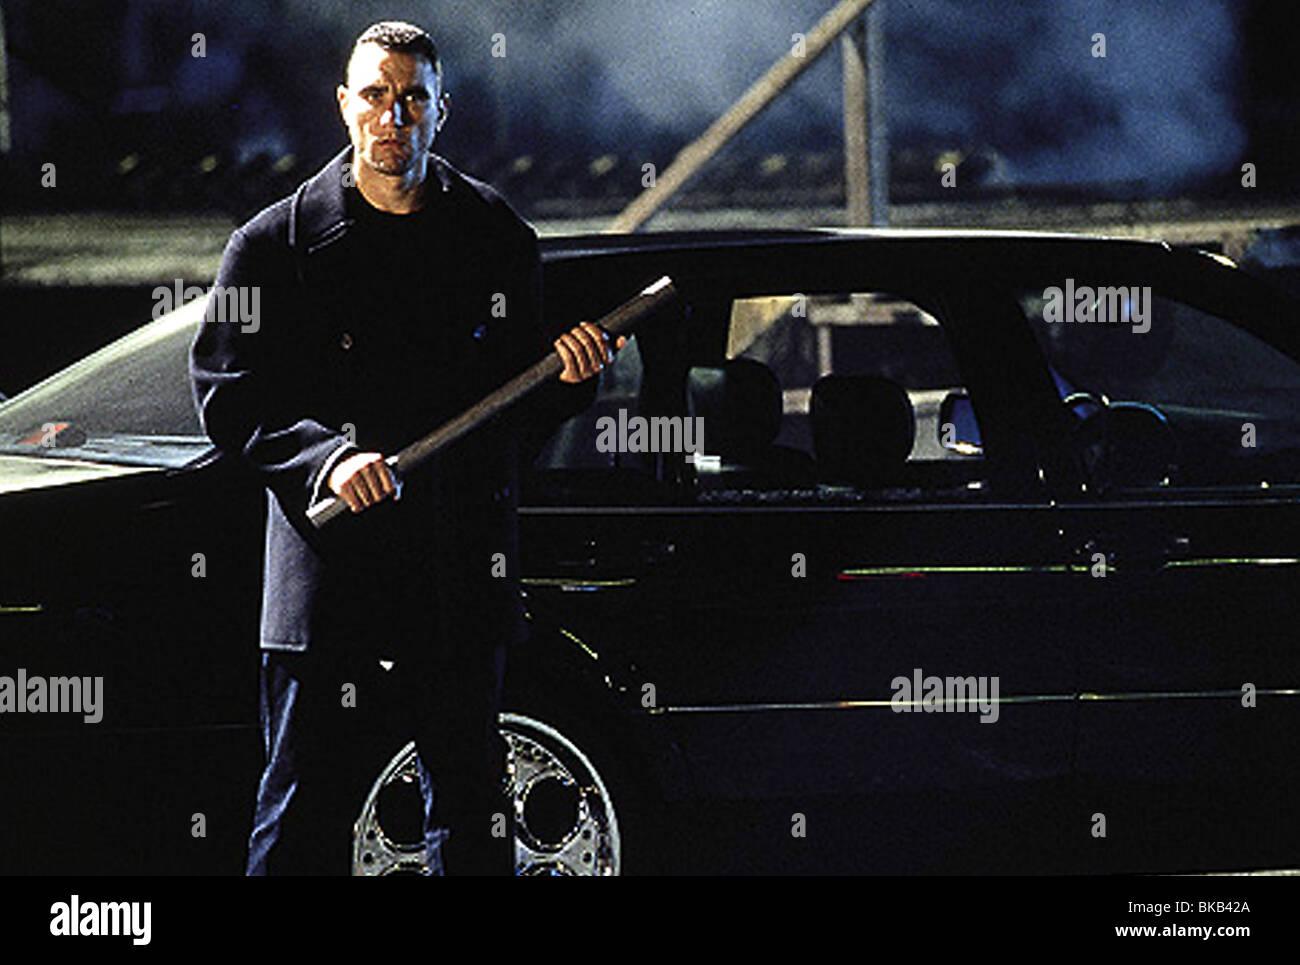 GONE IN 60 SECONDS (2000) VINNIE JONES GO60 001 3905 - Stock Image